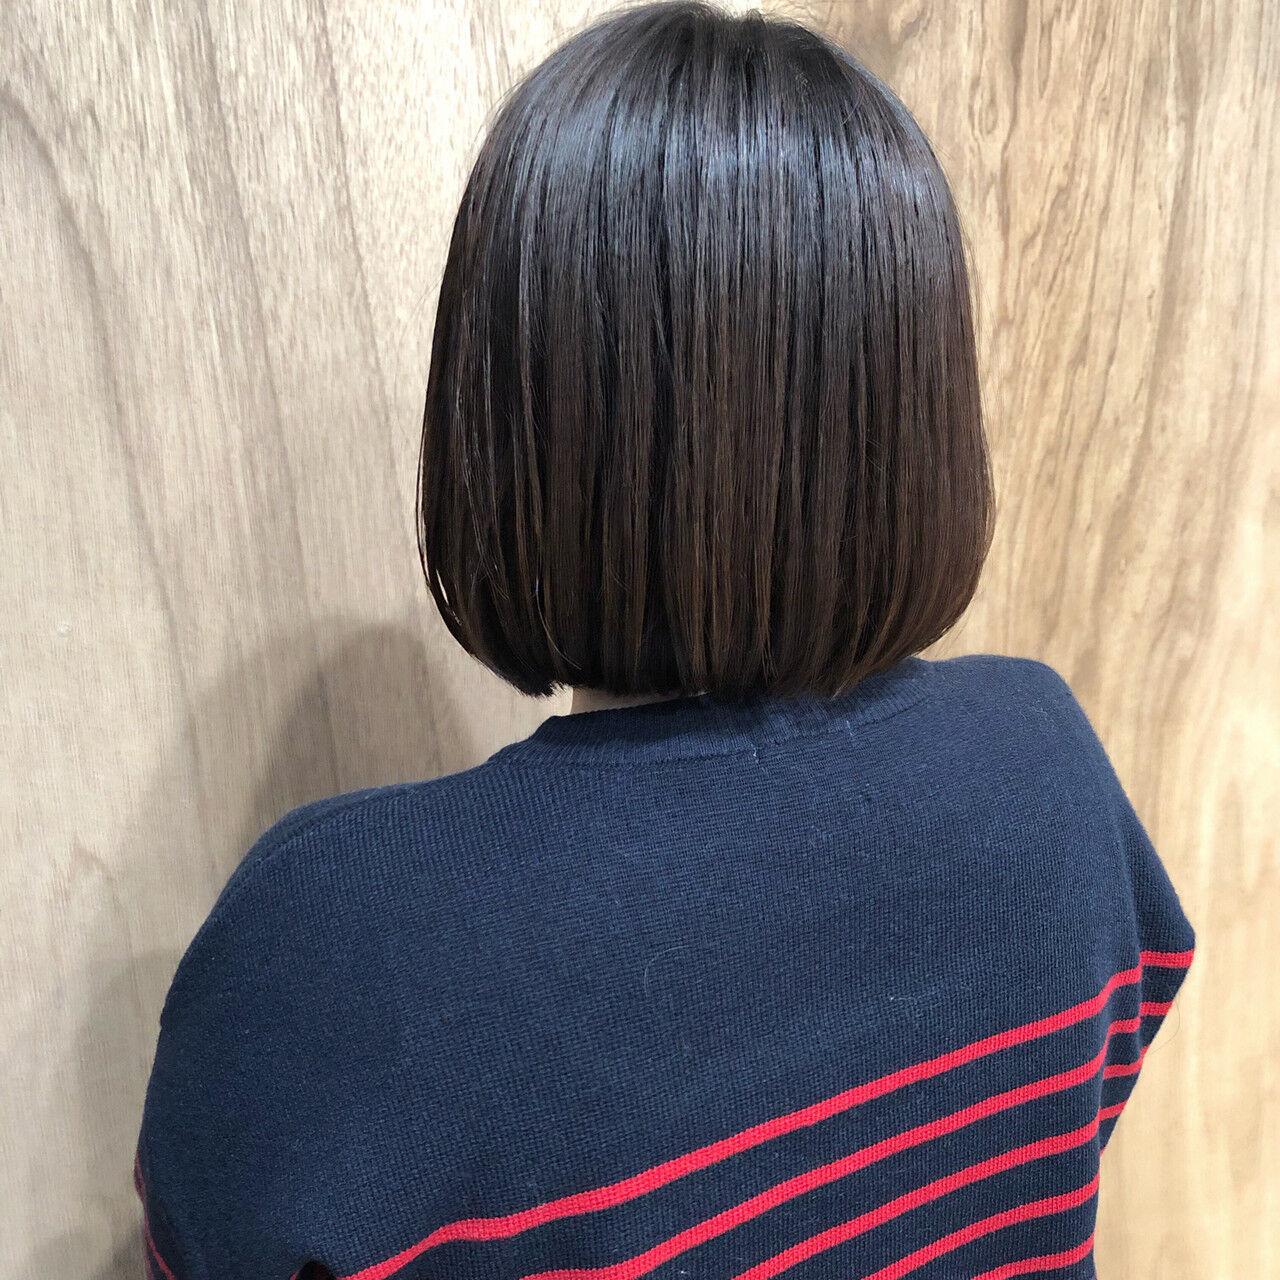 アンニュイほつれヘア ナチュラル ミニボブ ショートボブヘアスタイルや髪型の写真・画像